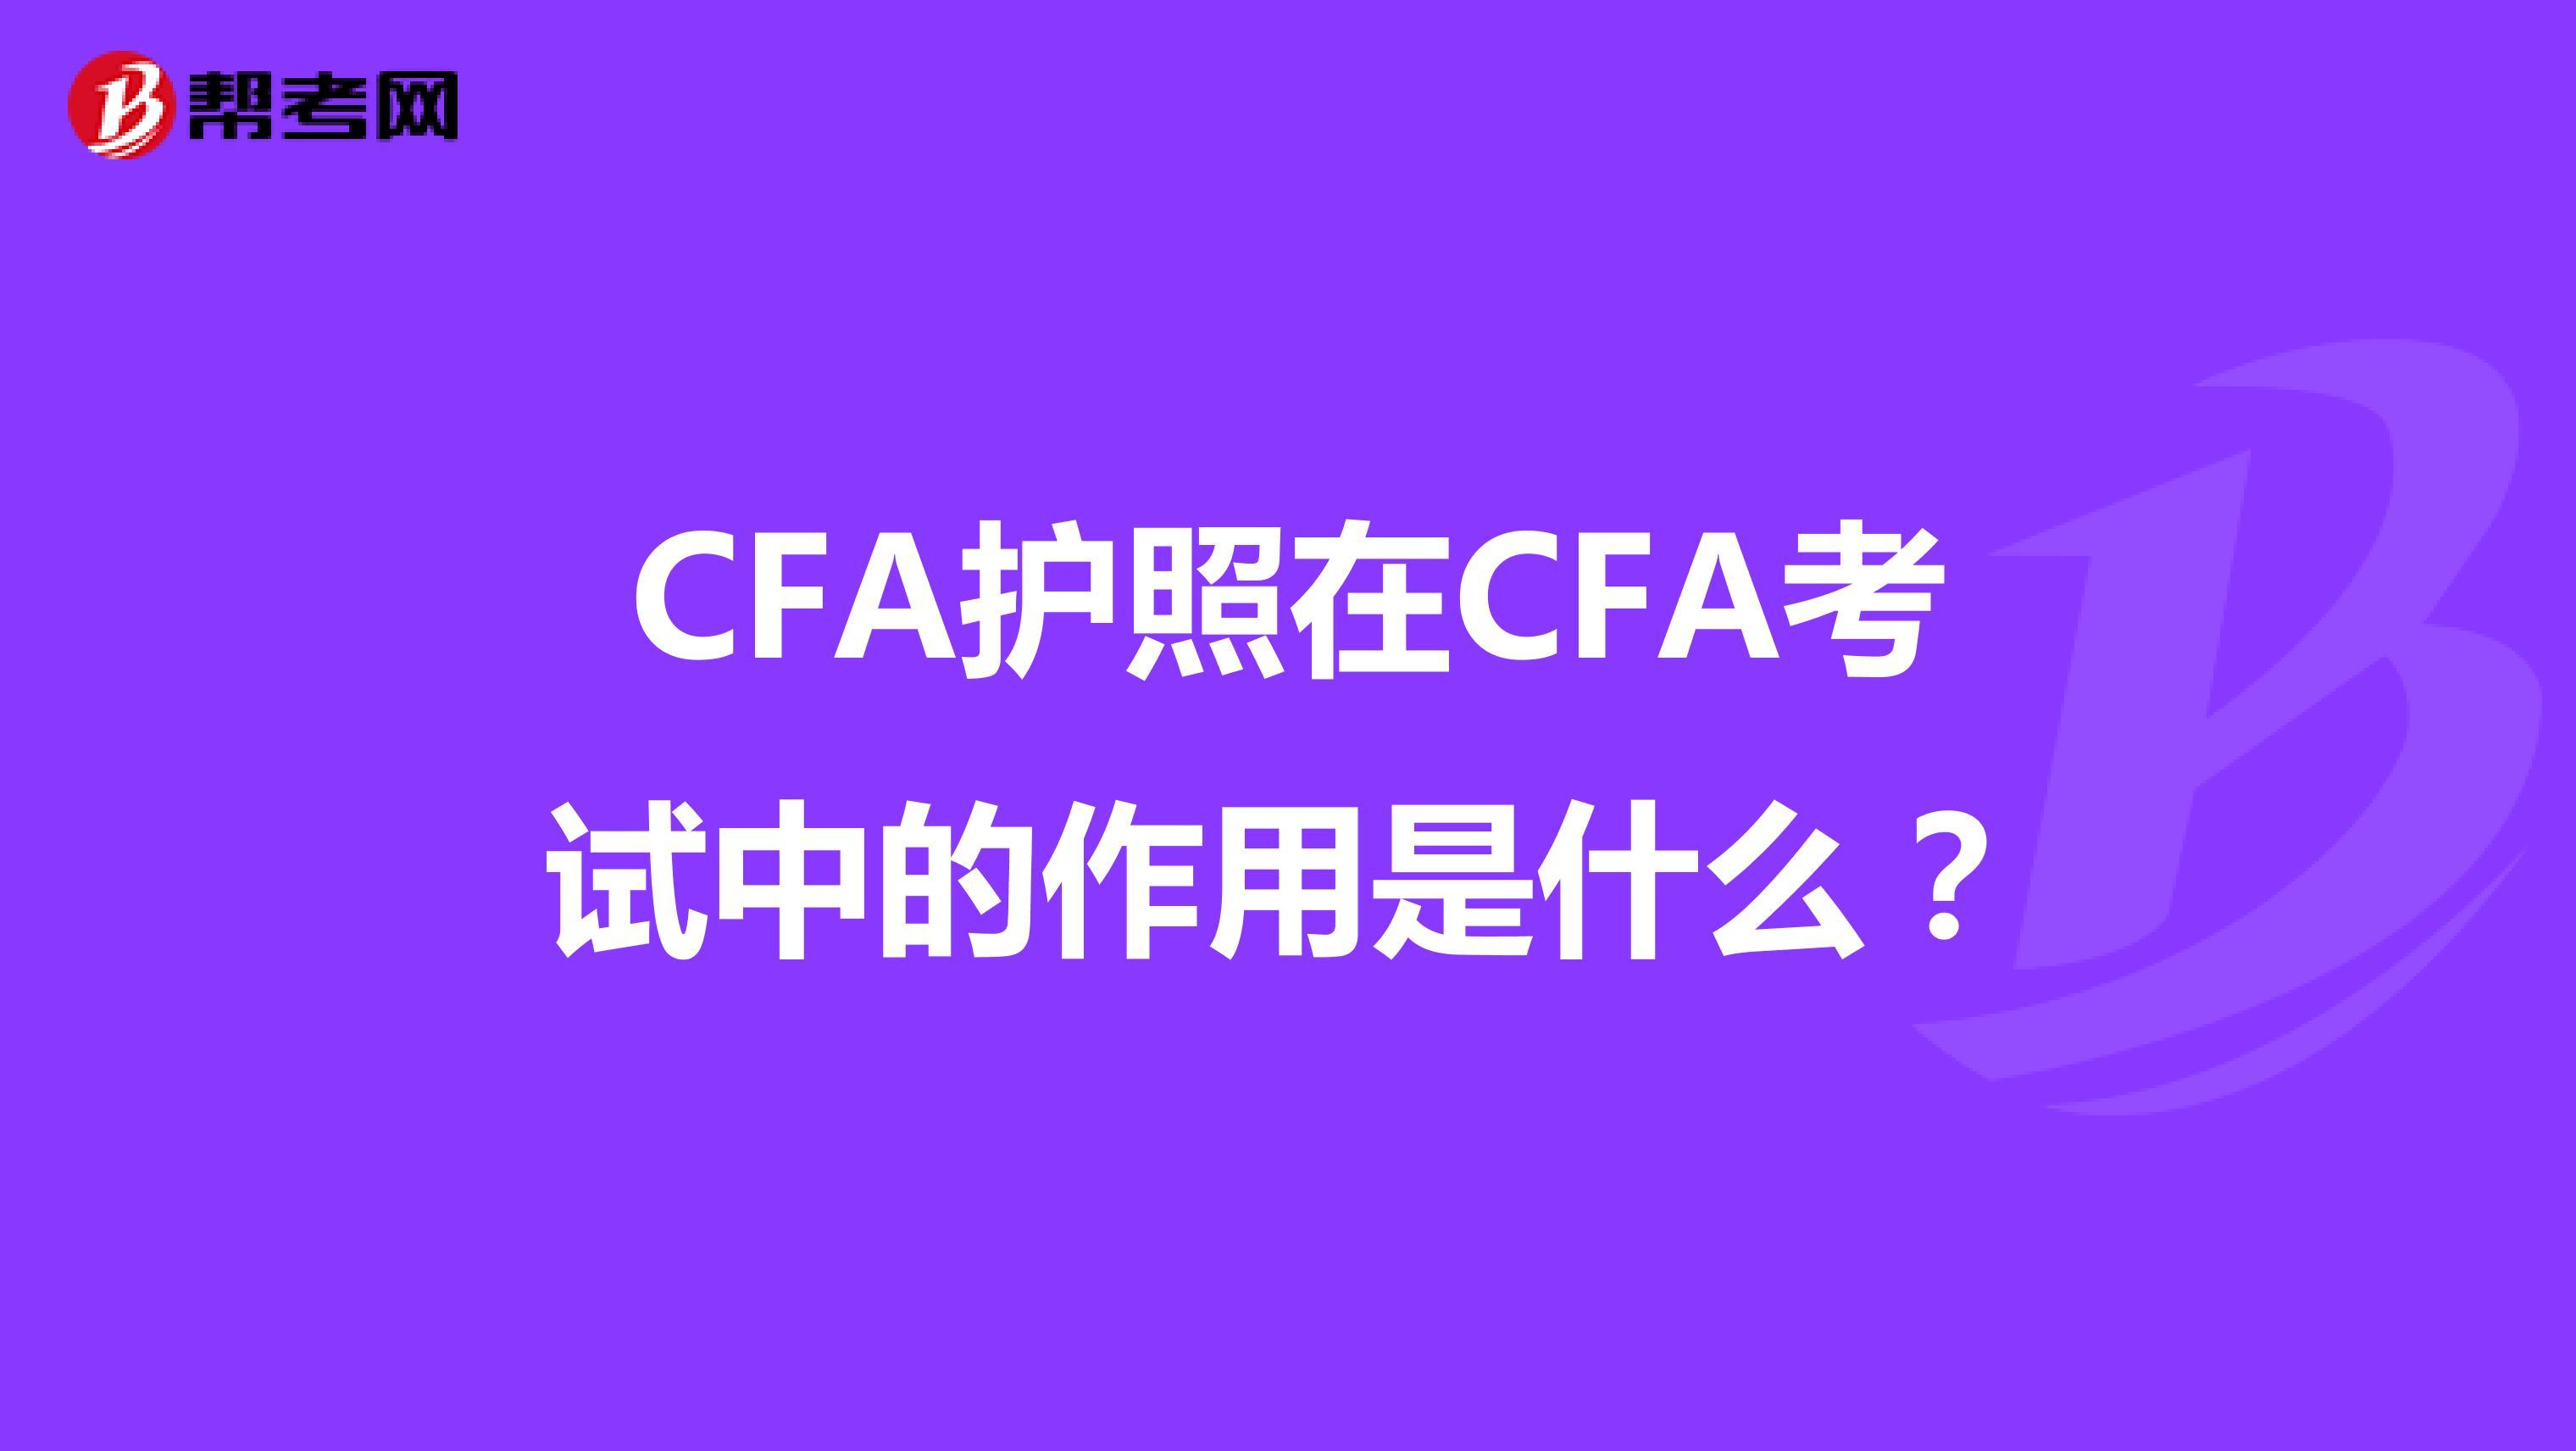 CFA护照在CFA考试中的作用是什么?